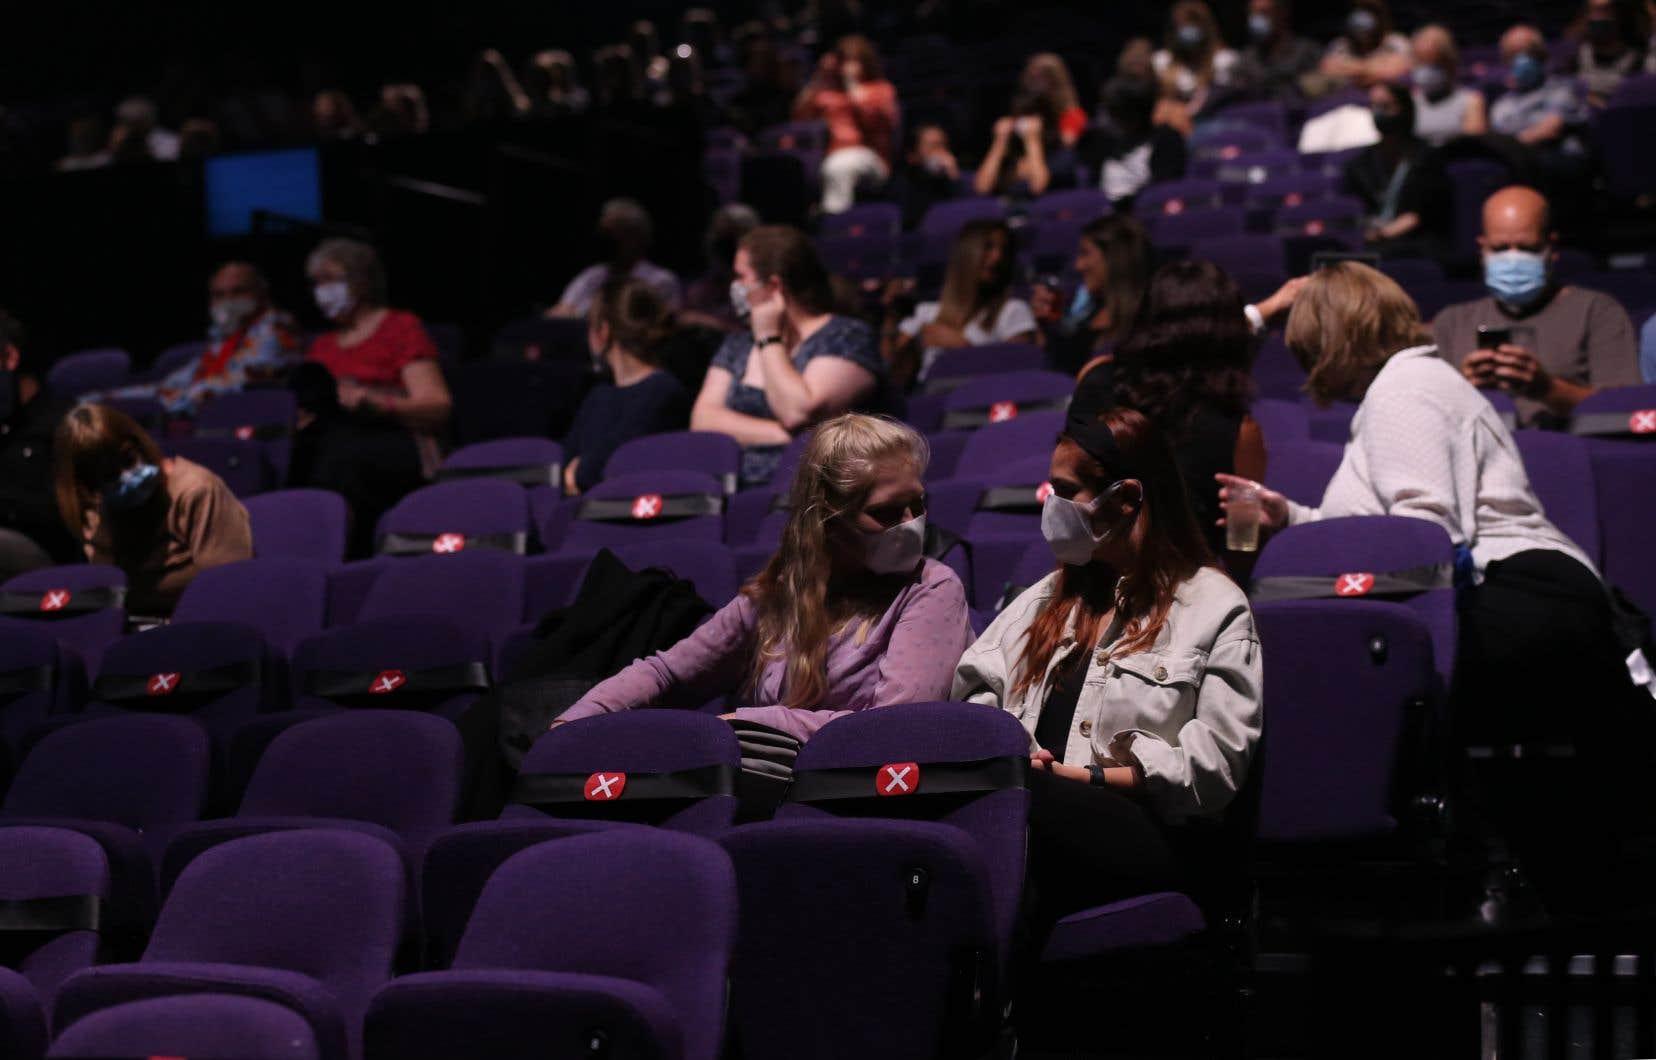 La distanciation physique dans les salles de spectacle et dans les cinémas pourrait être insuffisante.